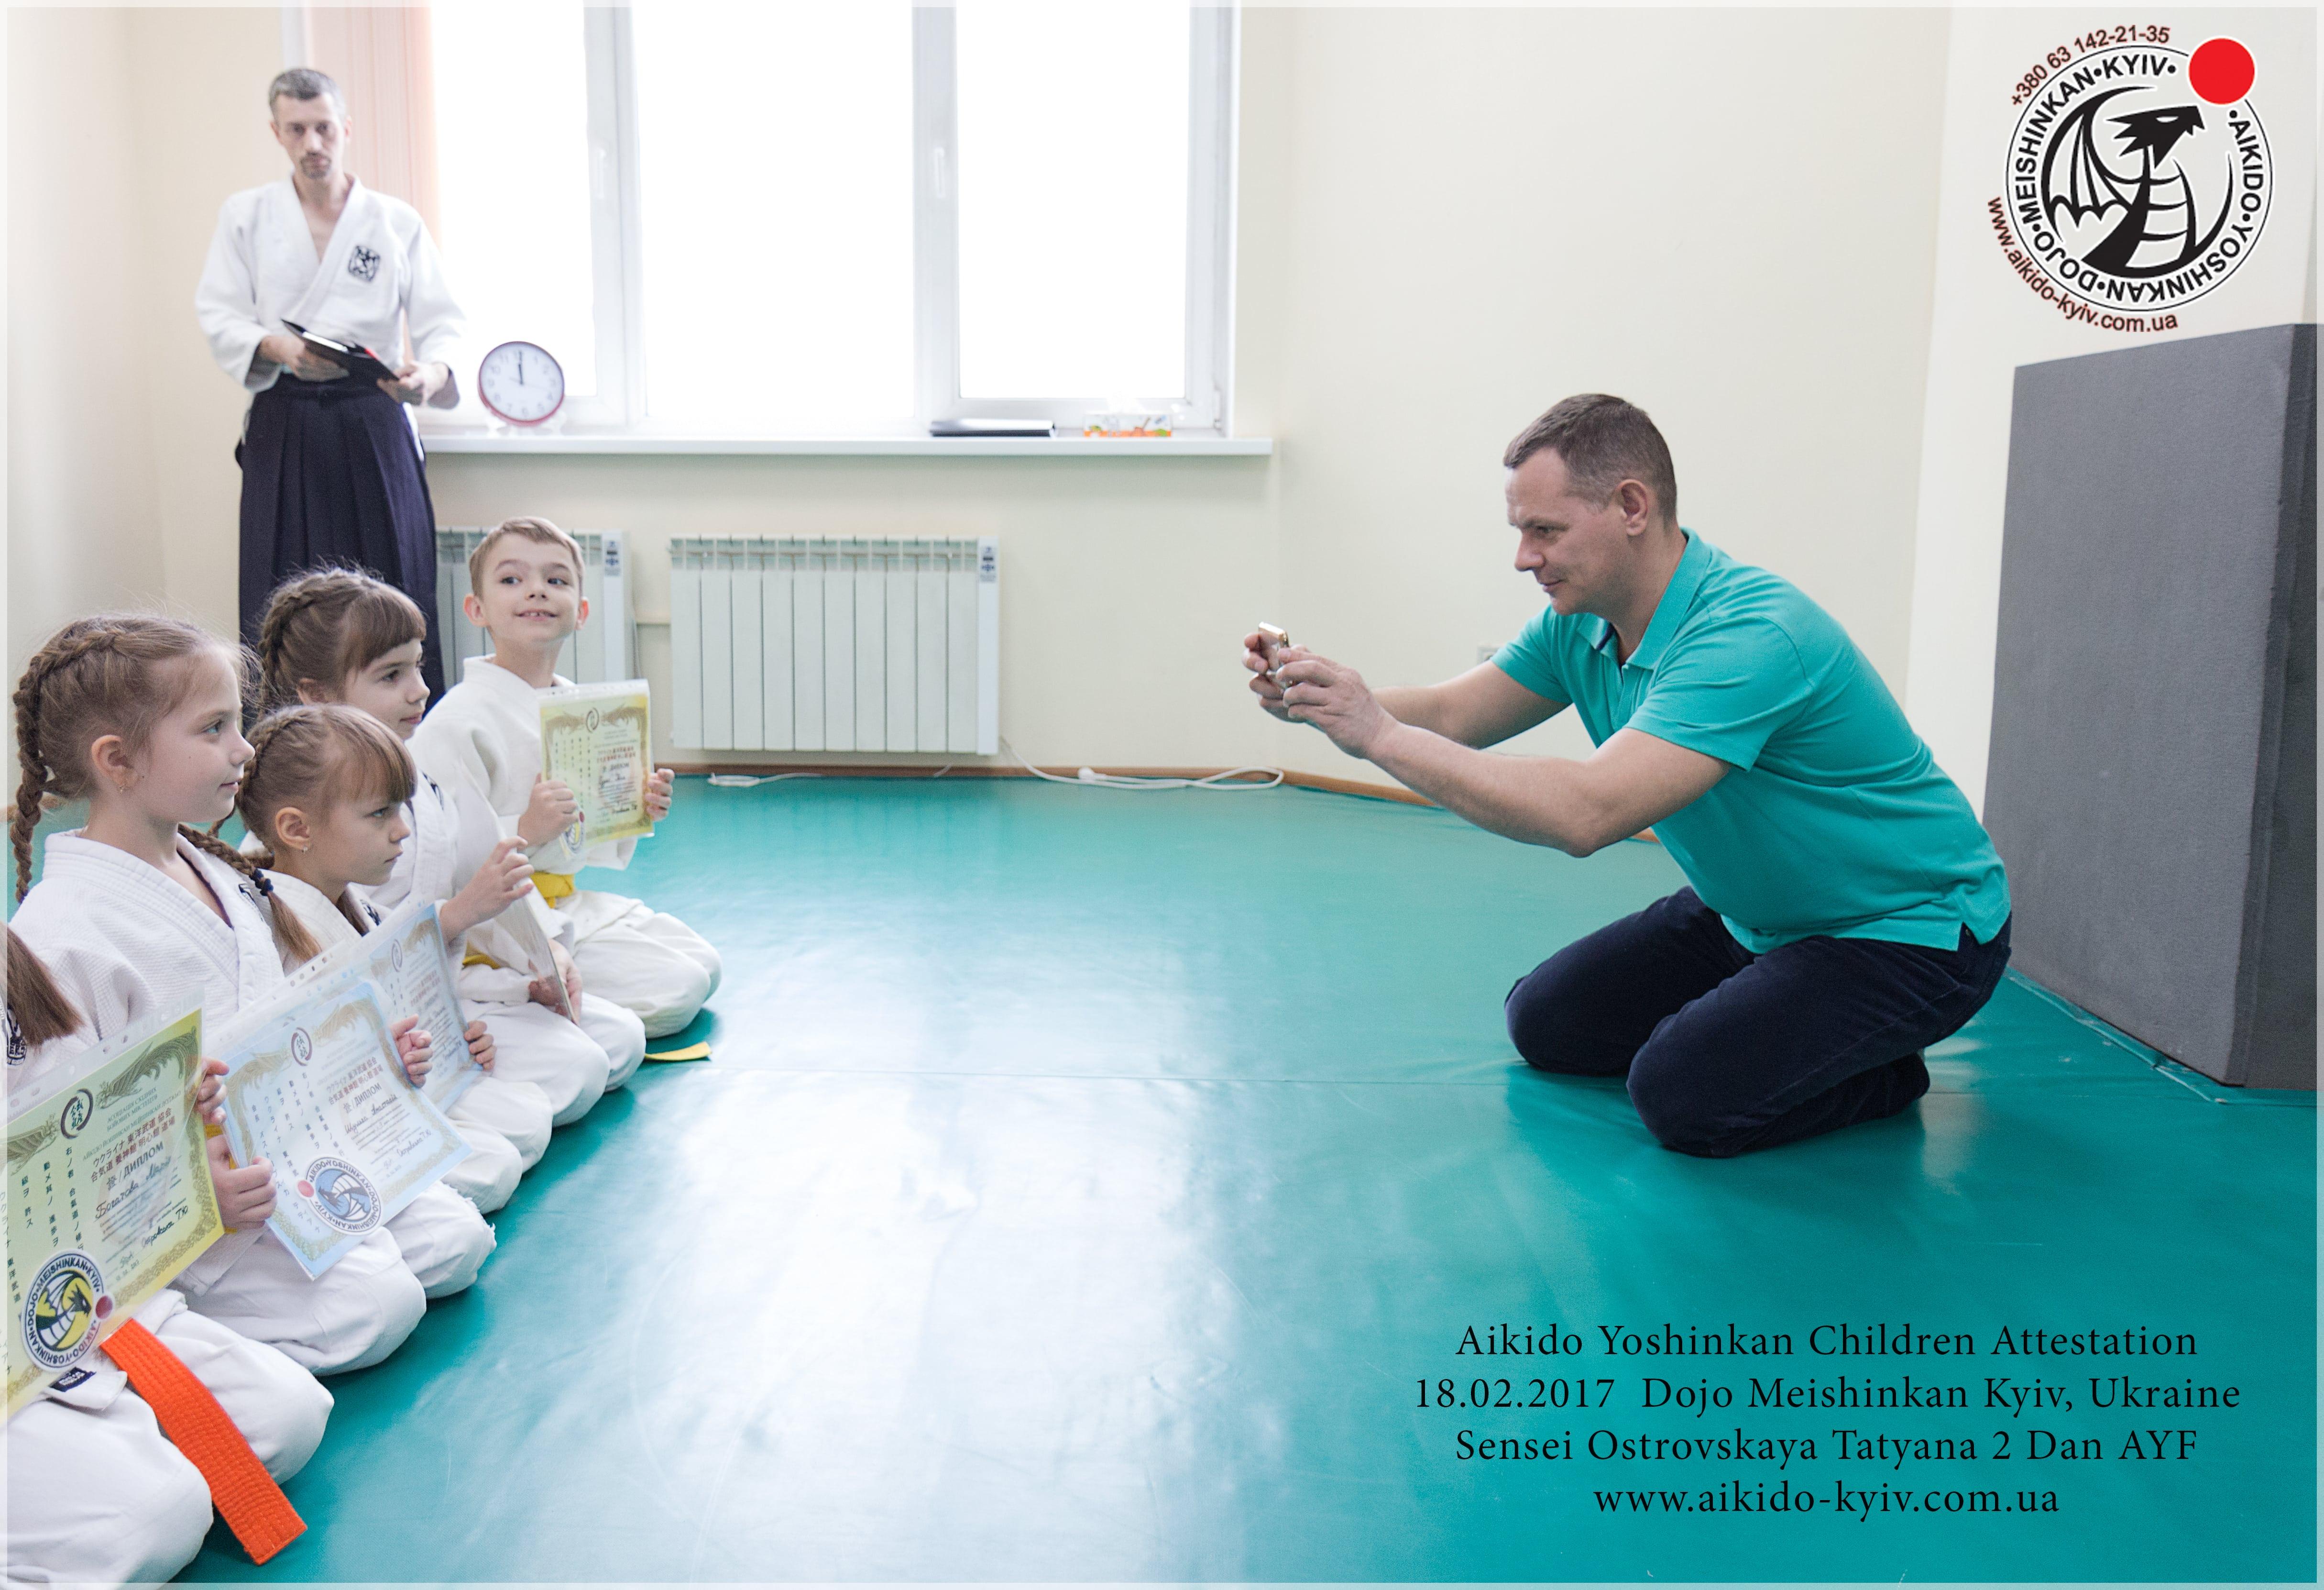 07айкидо-киев-украина-спортивная-секция-борьба-дети-min